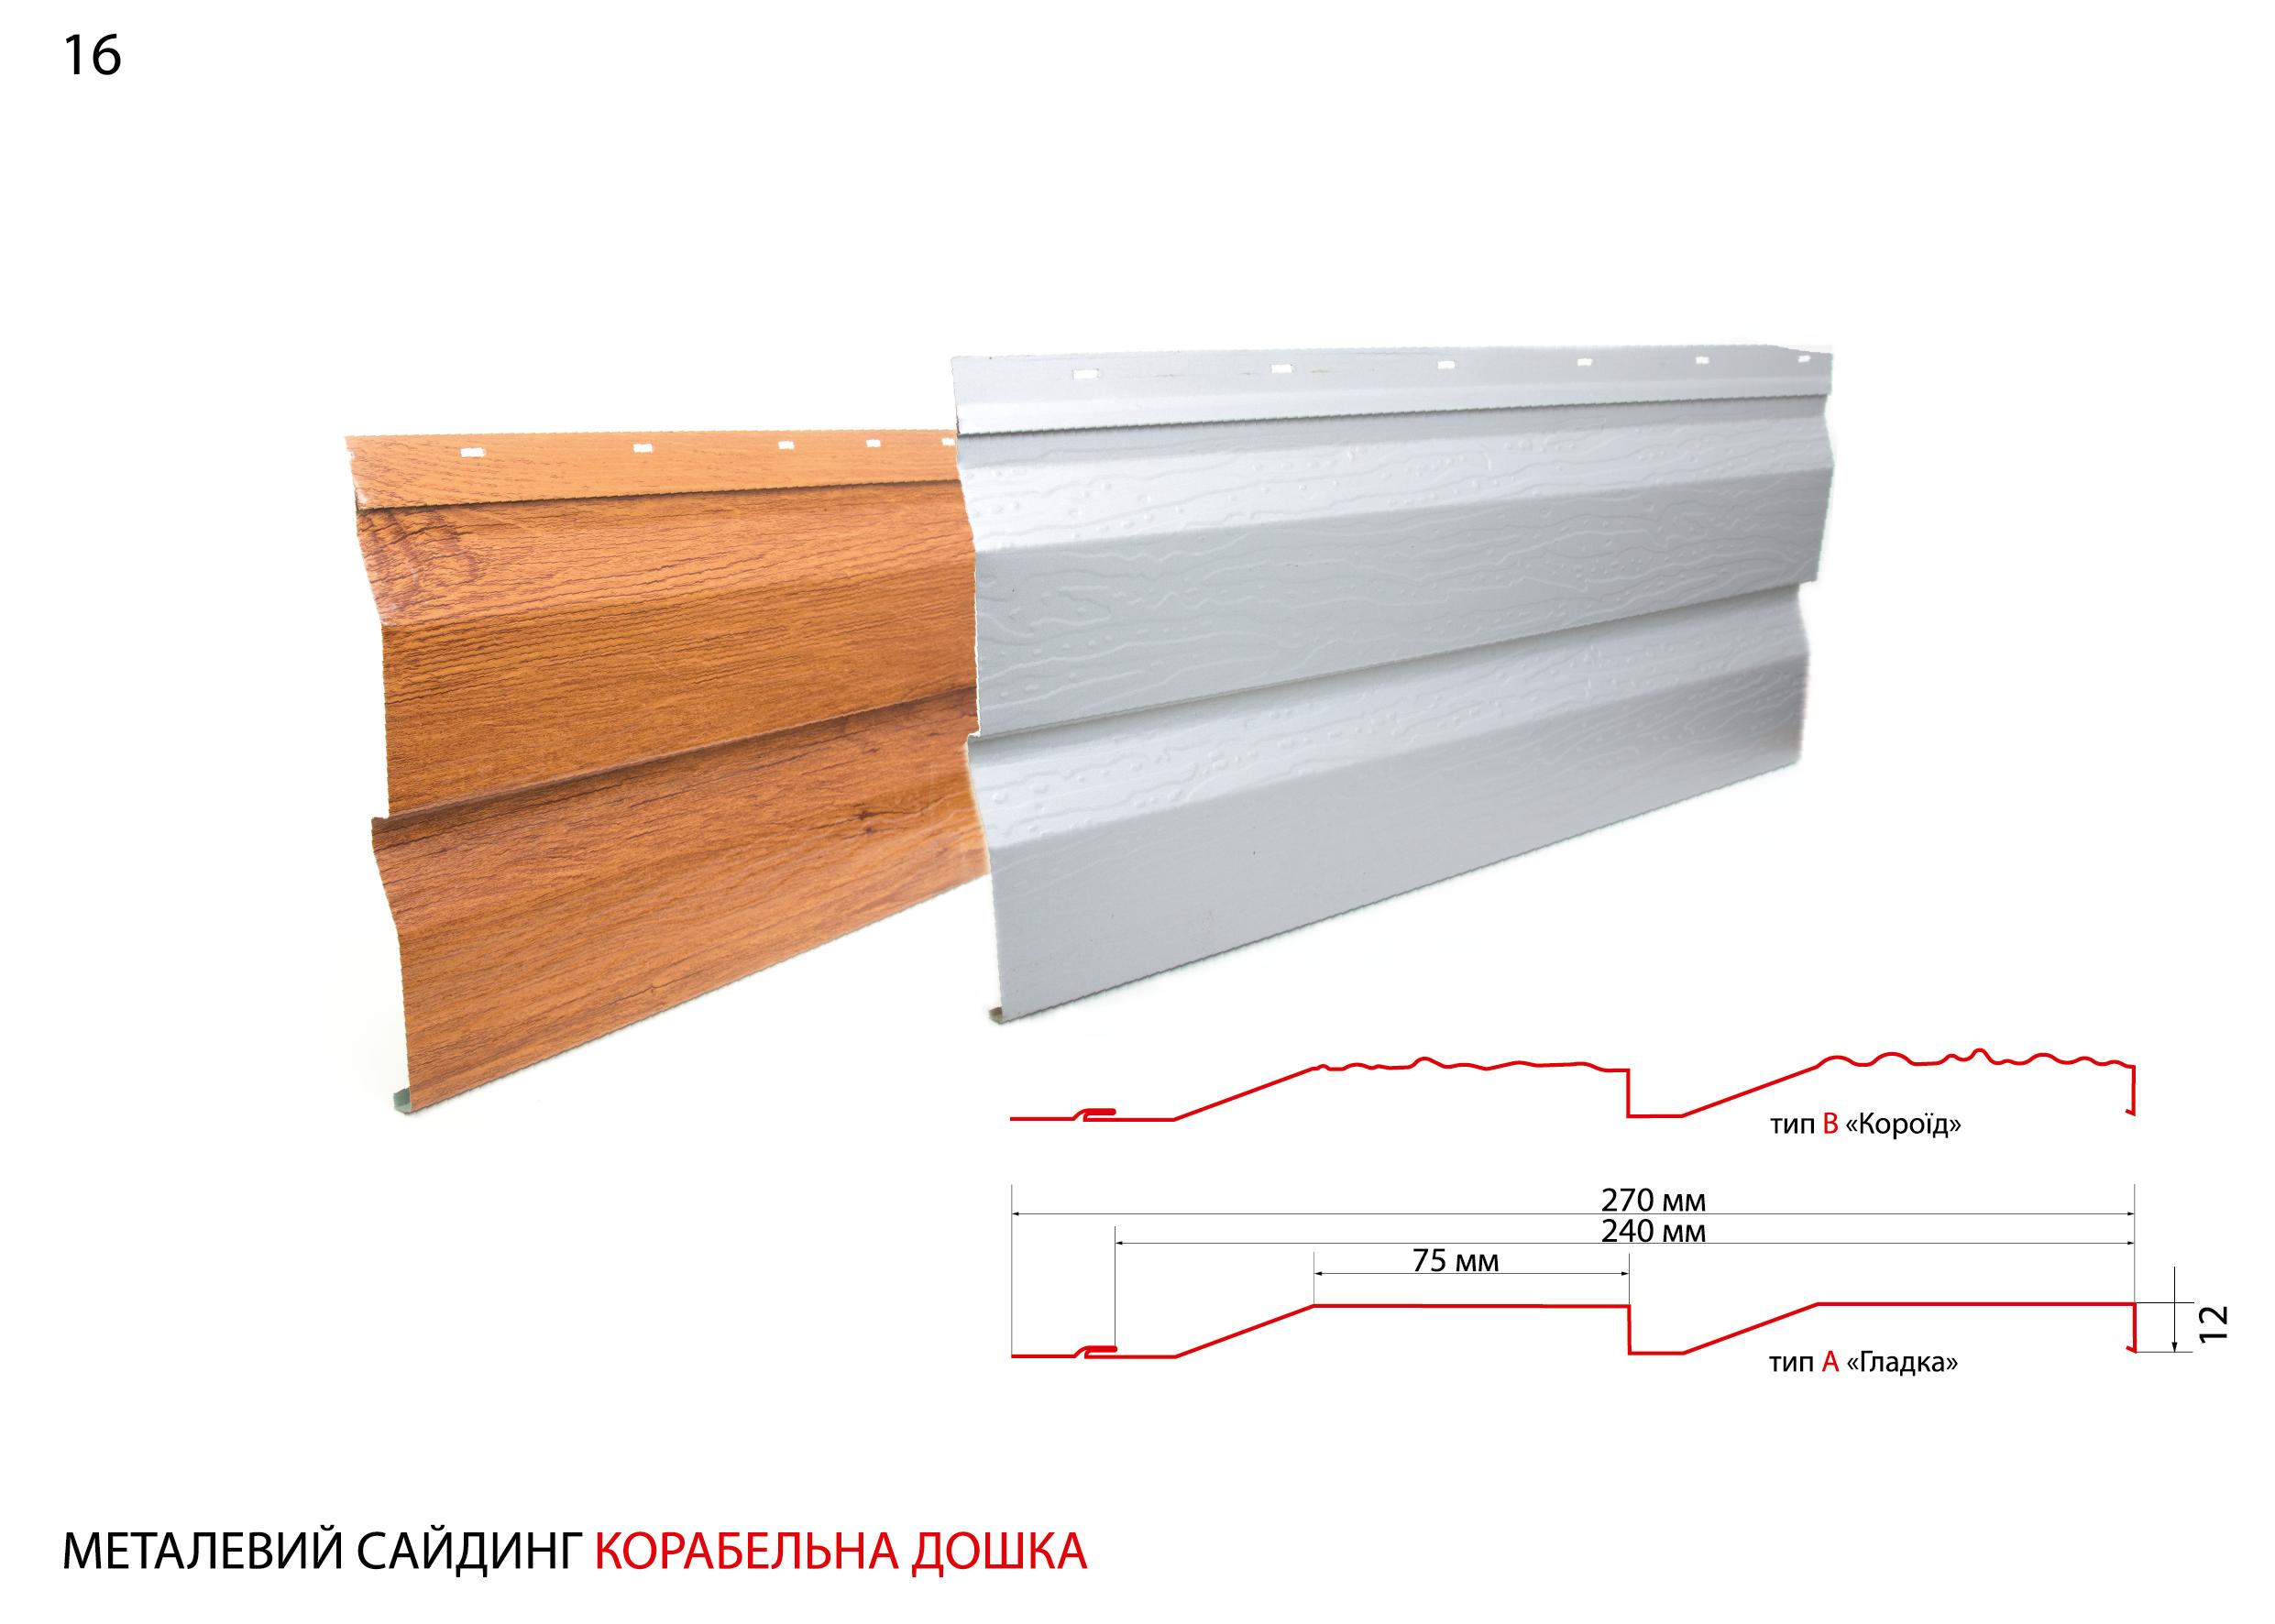 Металвий сайдинг Корабельна дошка за найнижчими цінами у Луцьку та Рівному